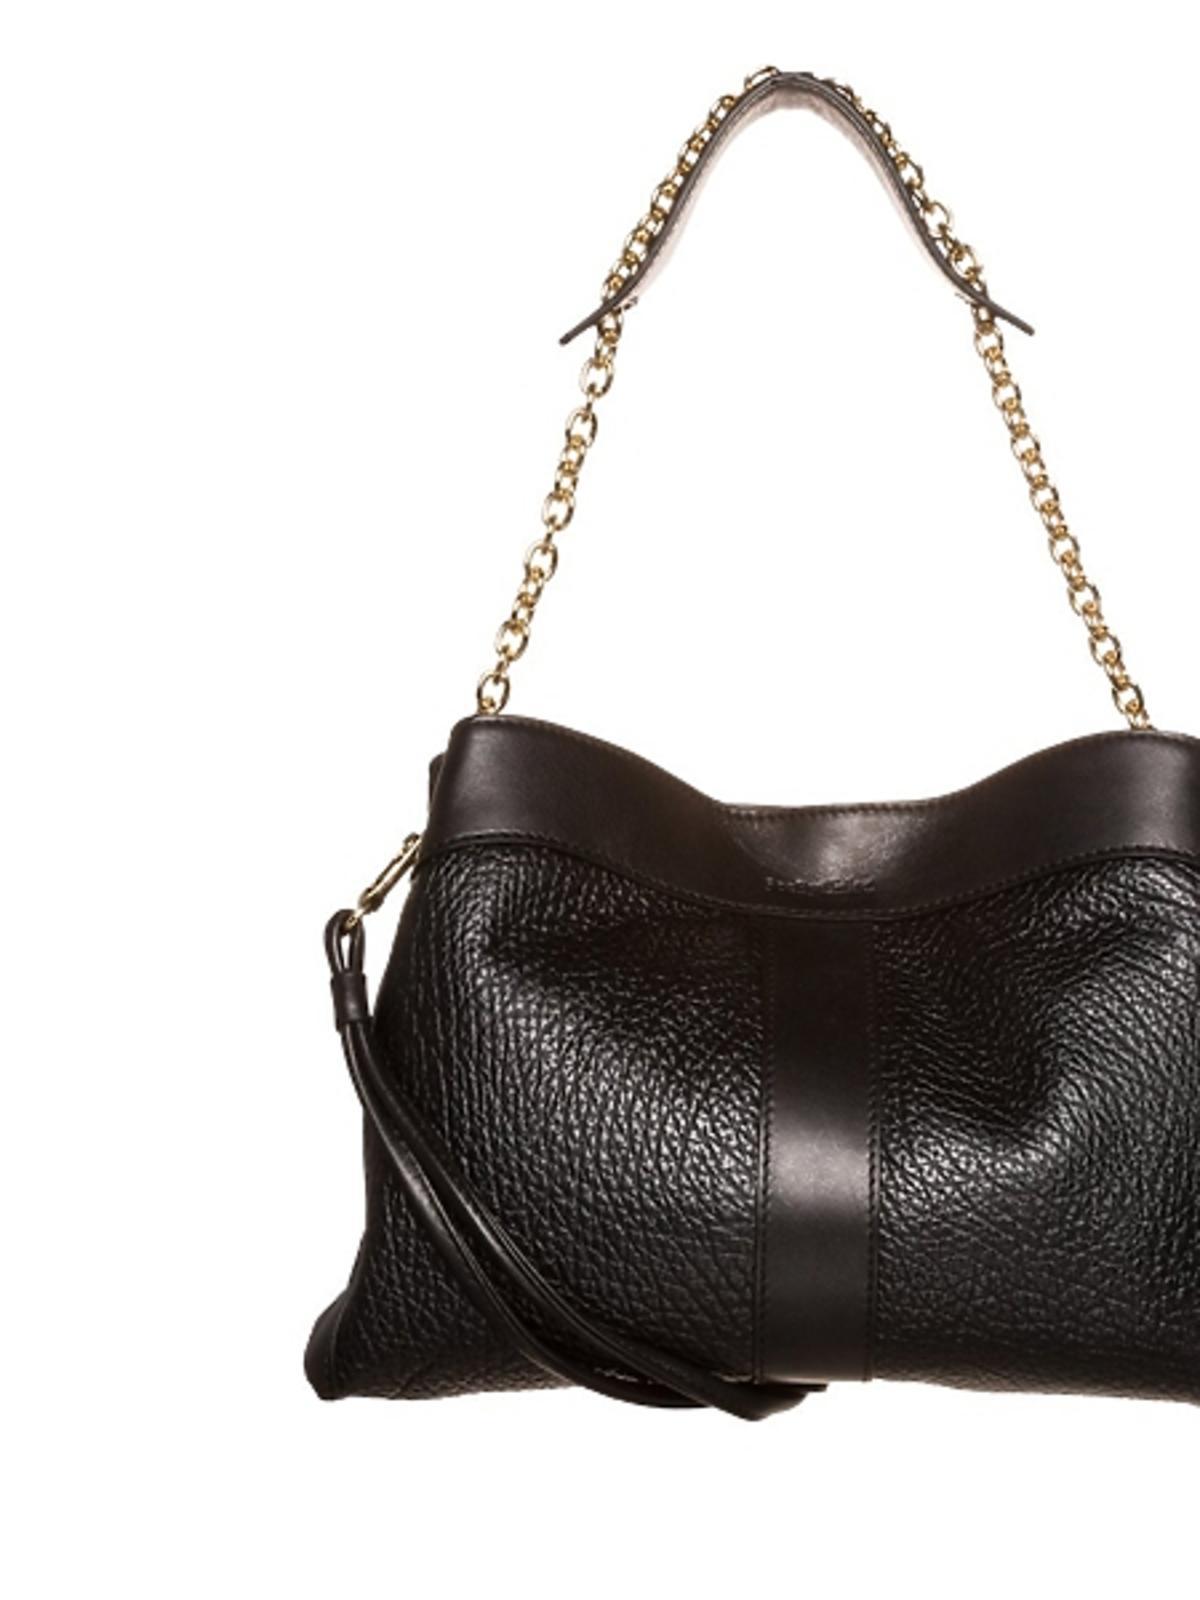 Czarna torebka See by Chloe, cena